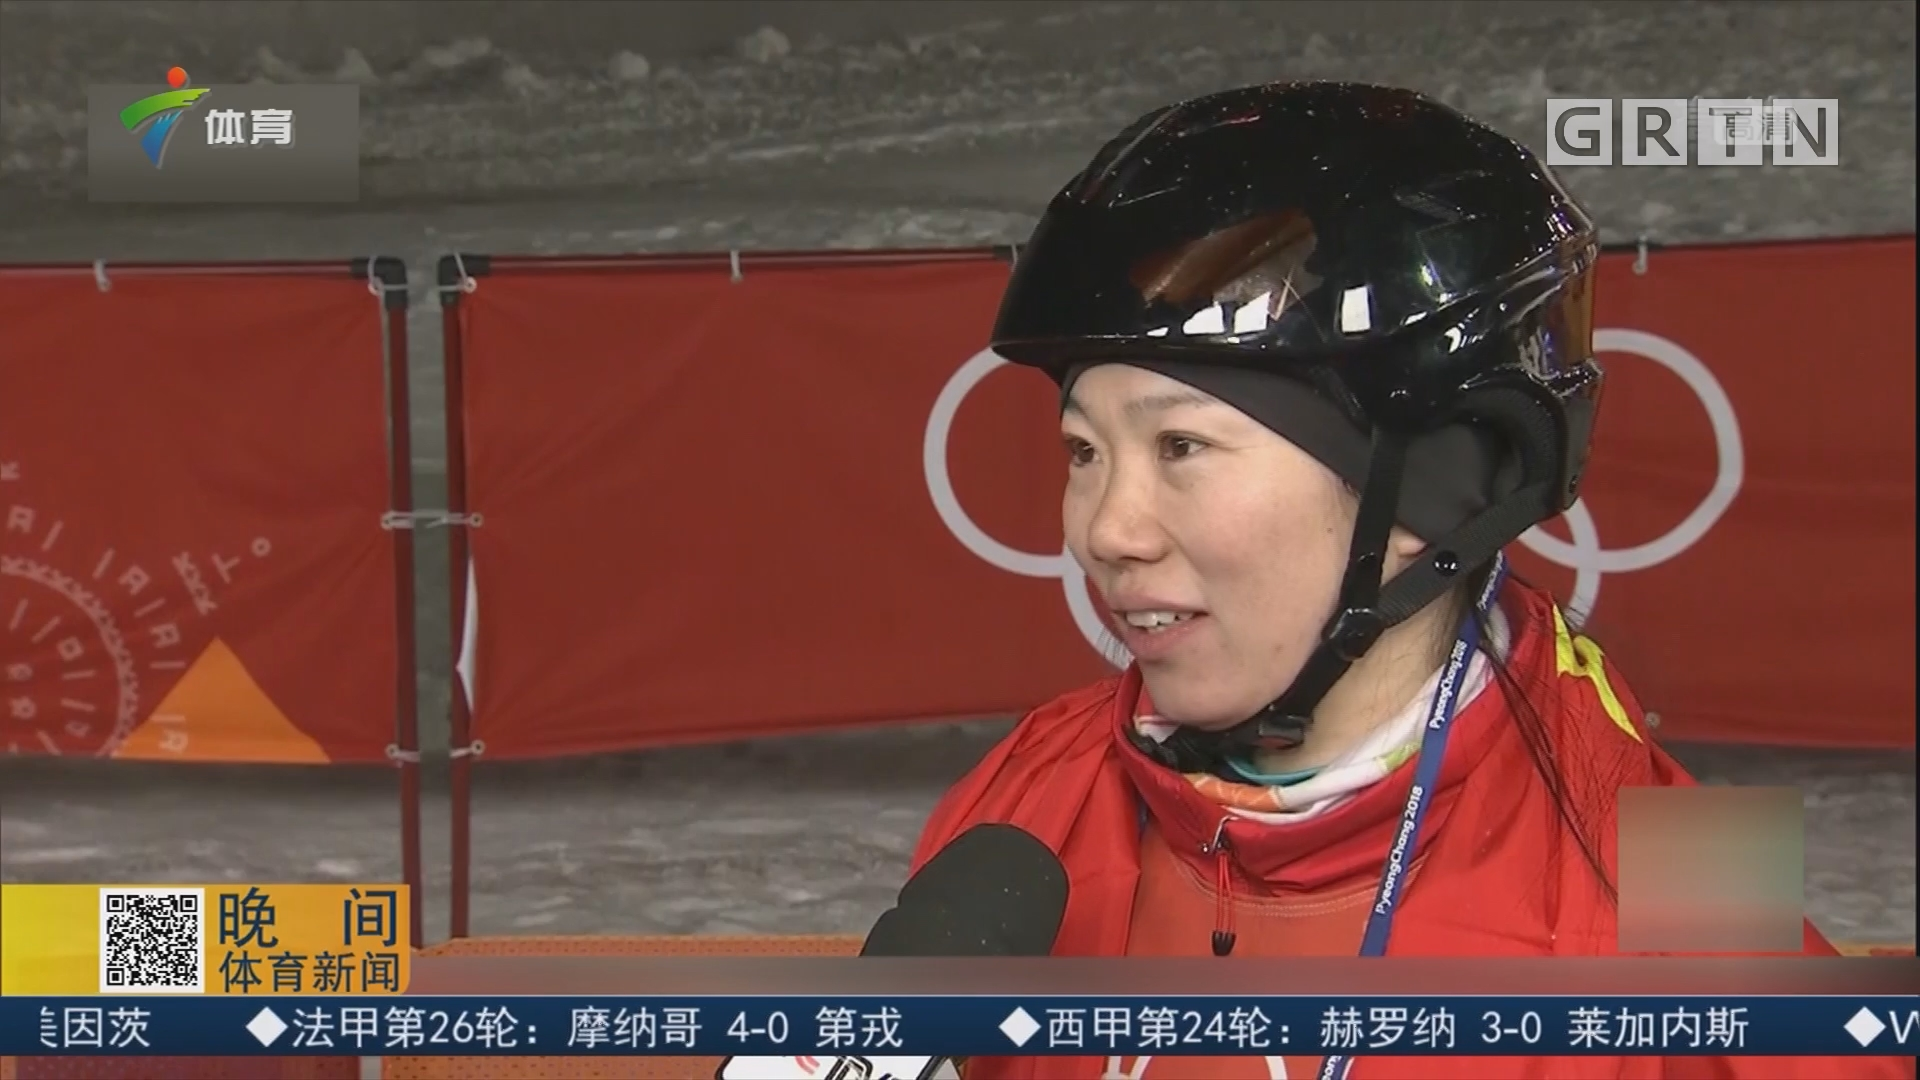 决赛偶然性大 中国选手收获一银一铜